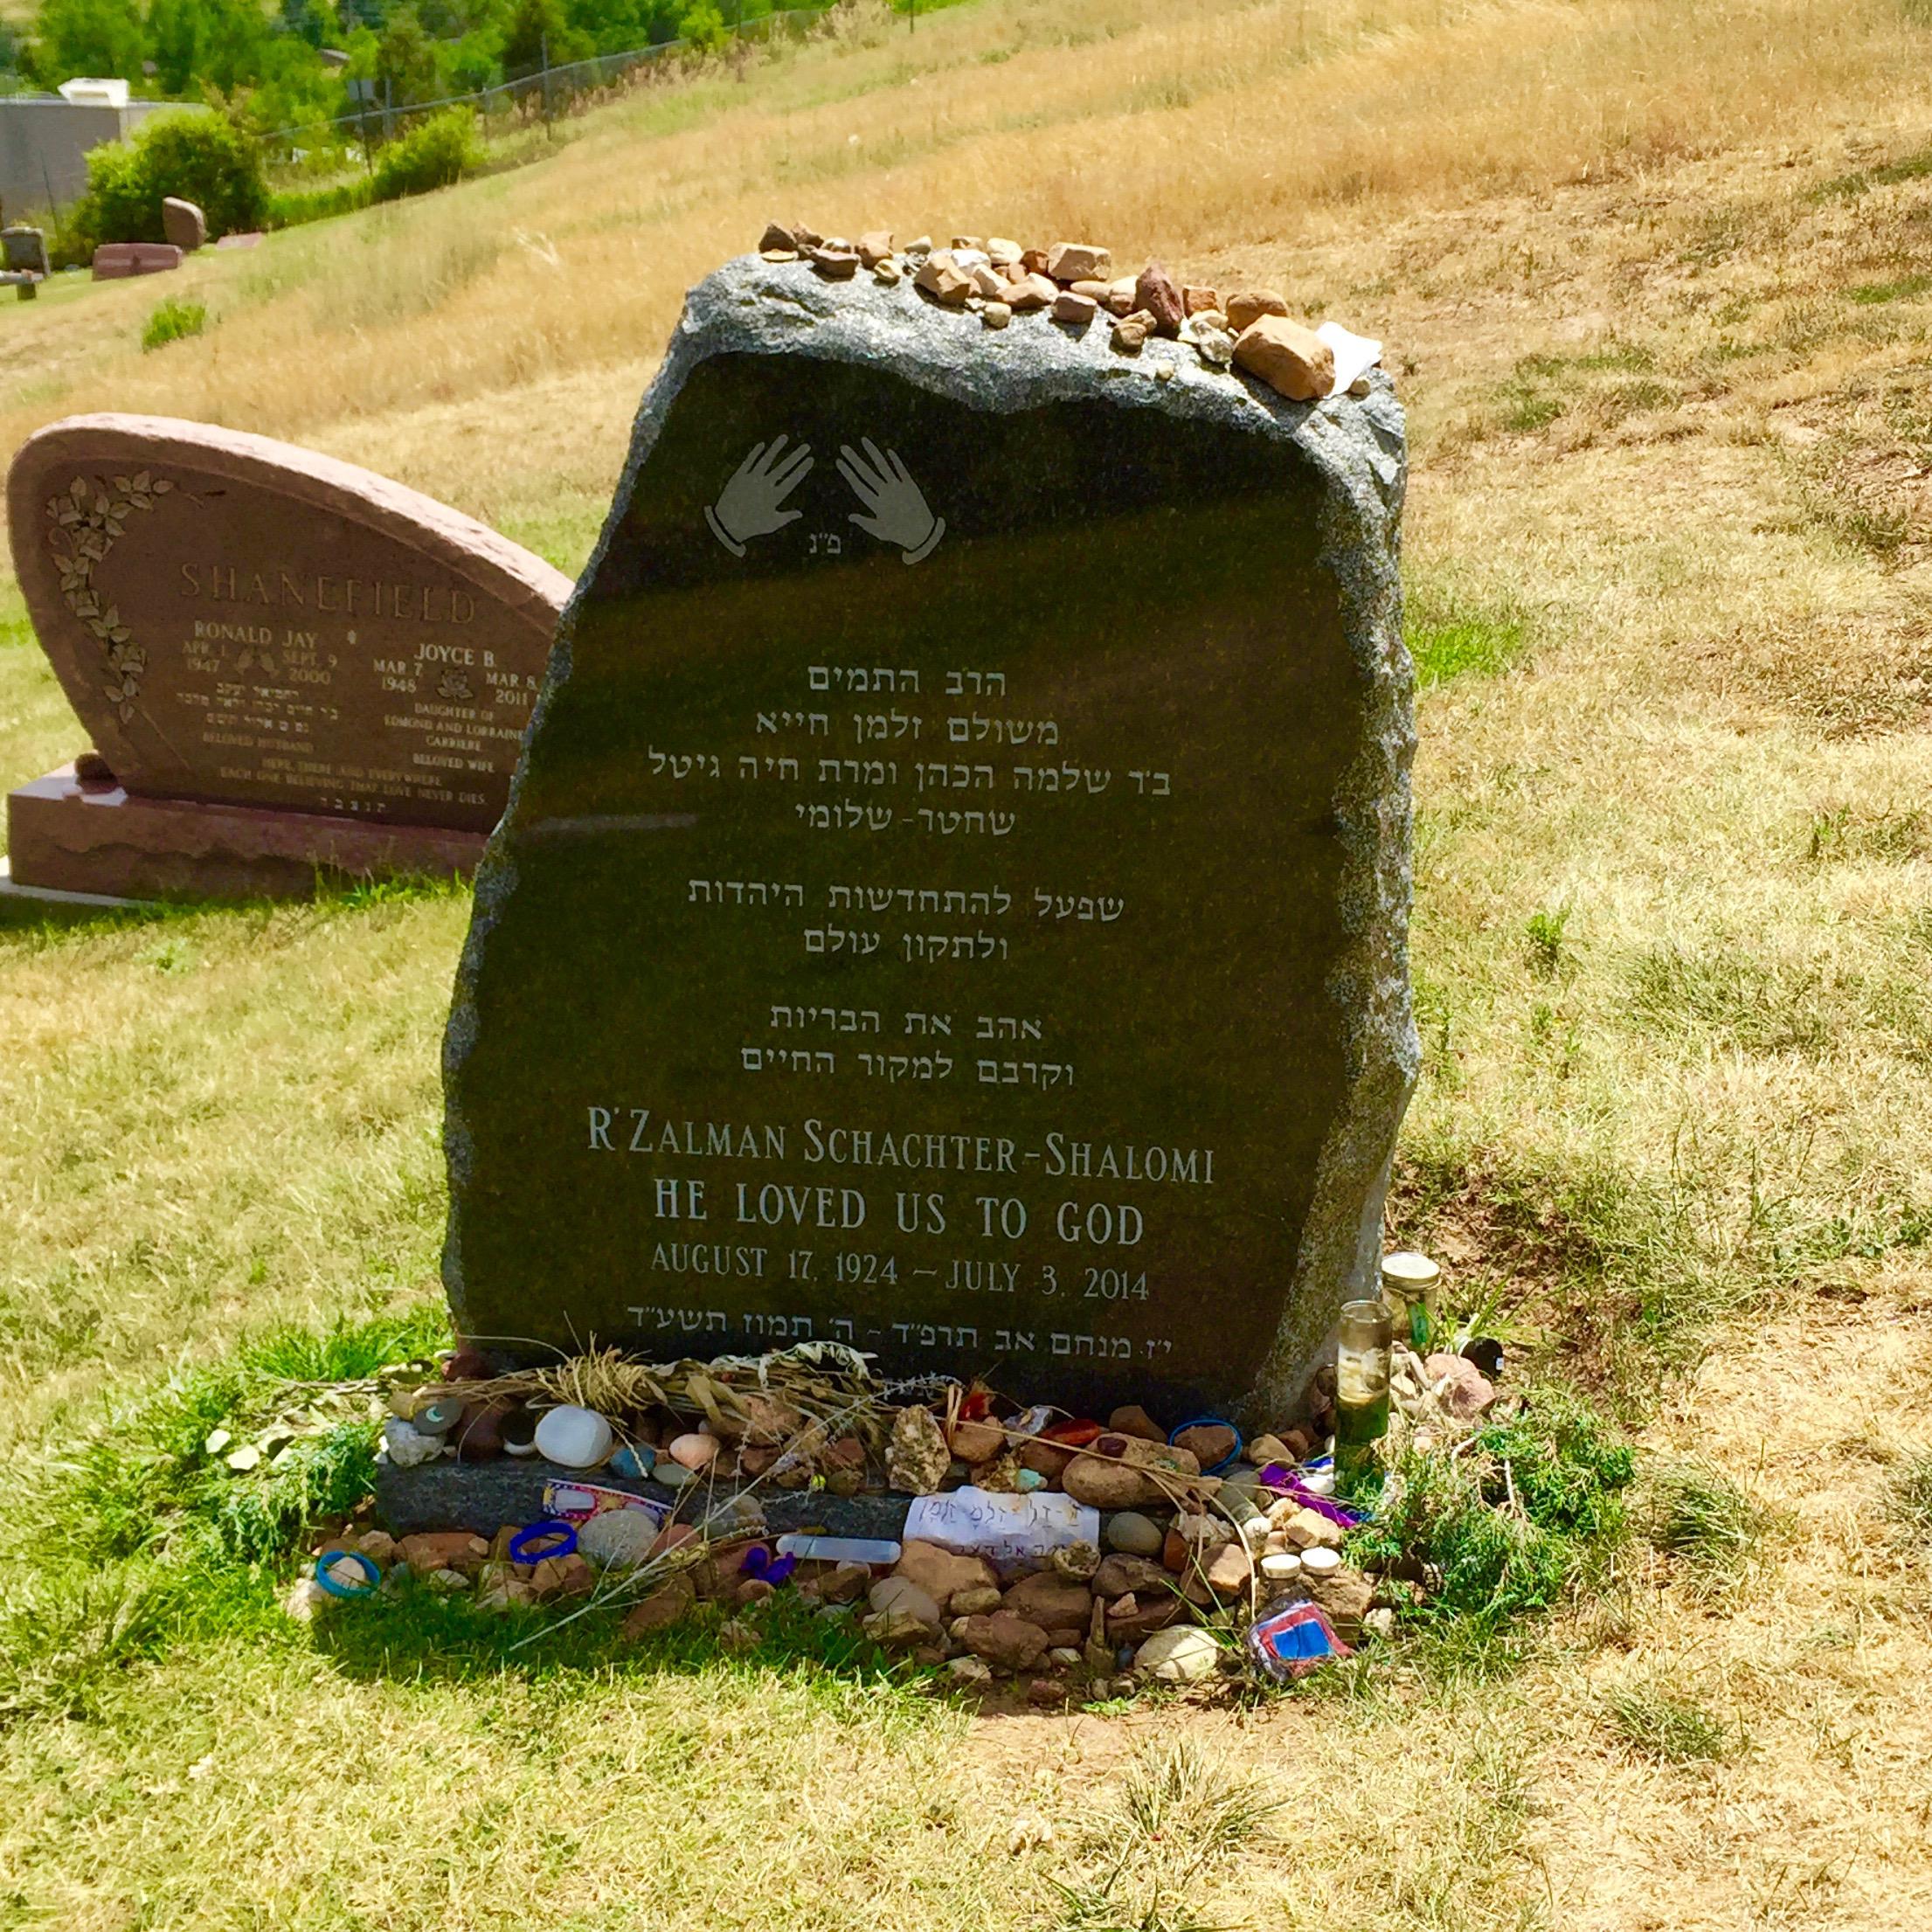 Prayers at the grave of a tzaddik...